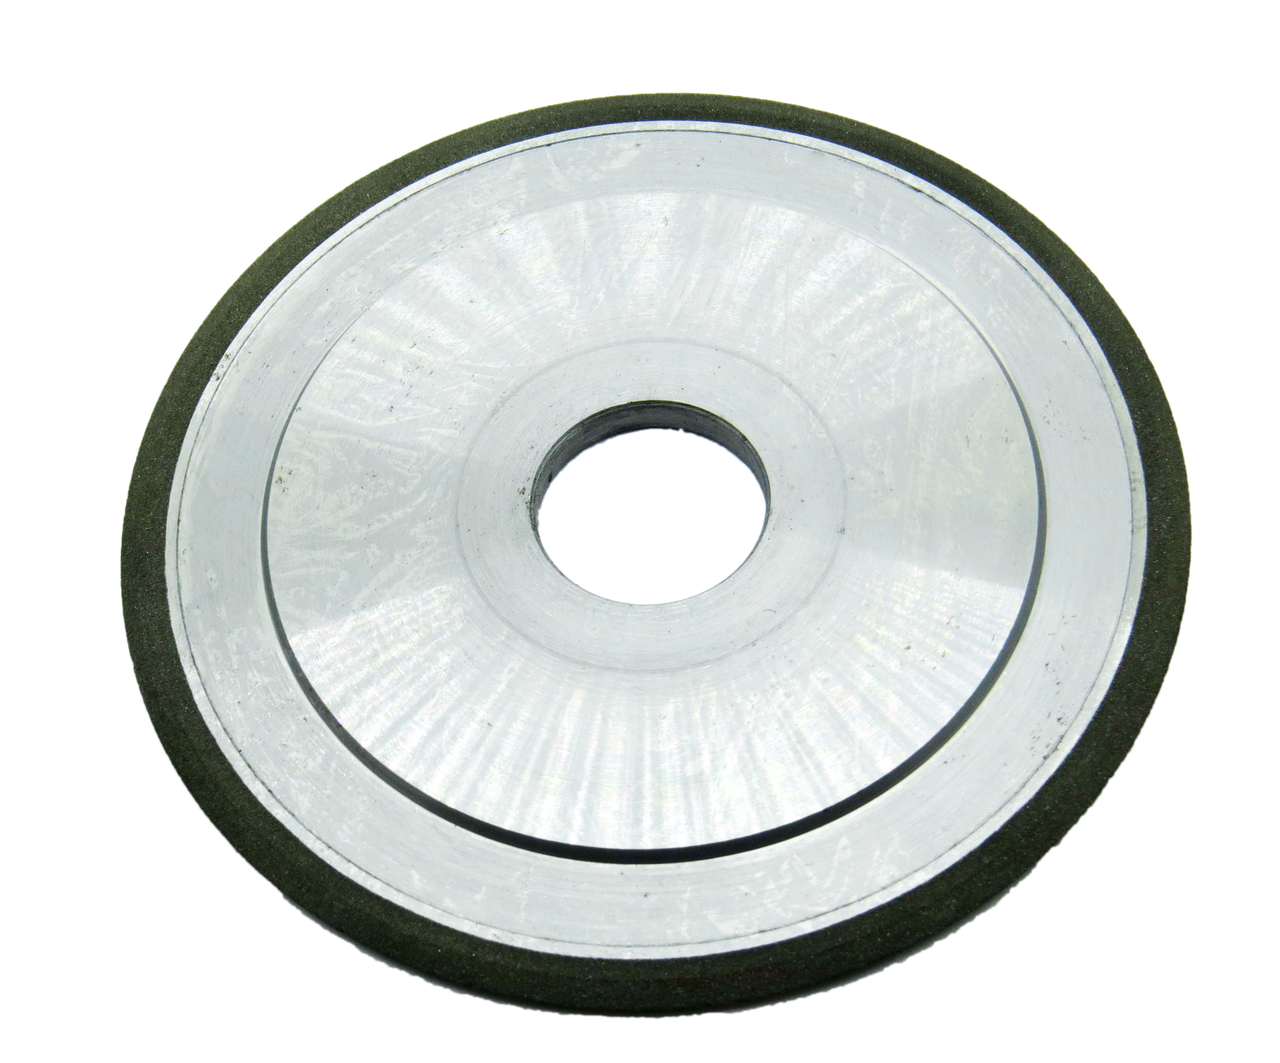 Круг алмазний плоский з двостороннім конічним профілем 14ЕЕ1 150х6х3х4х60х32 160/125 АС4 В2-01 БАЗИС